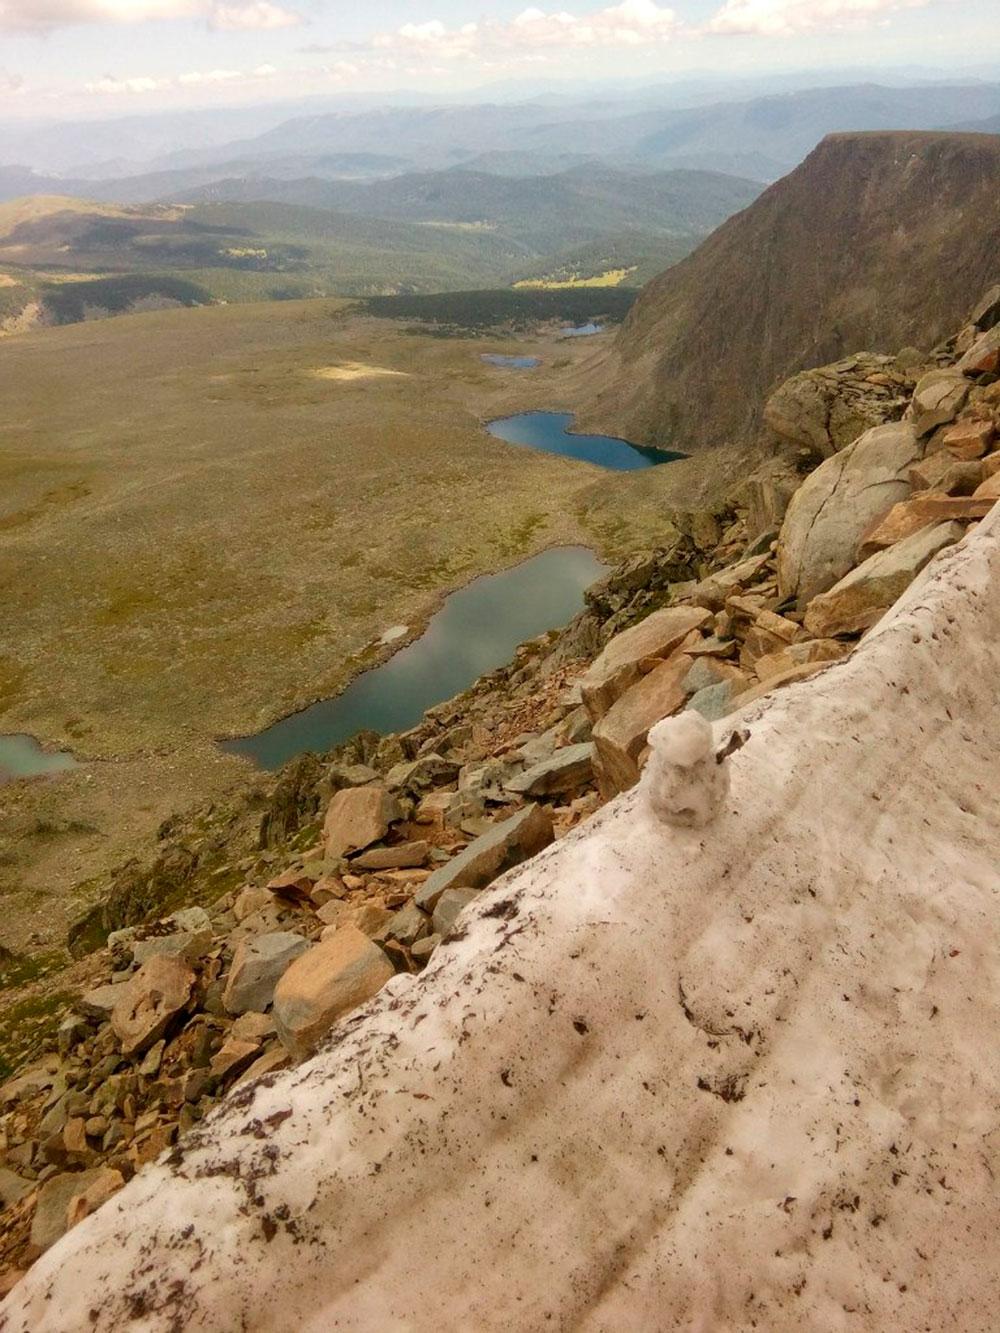 Вид на озера и прошлогодний снег в начале августа. На вершине горы Сарлык одни камни, растительности там нет